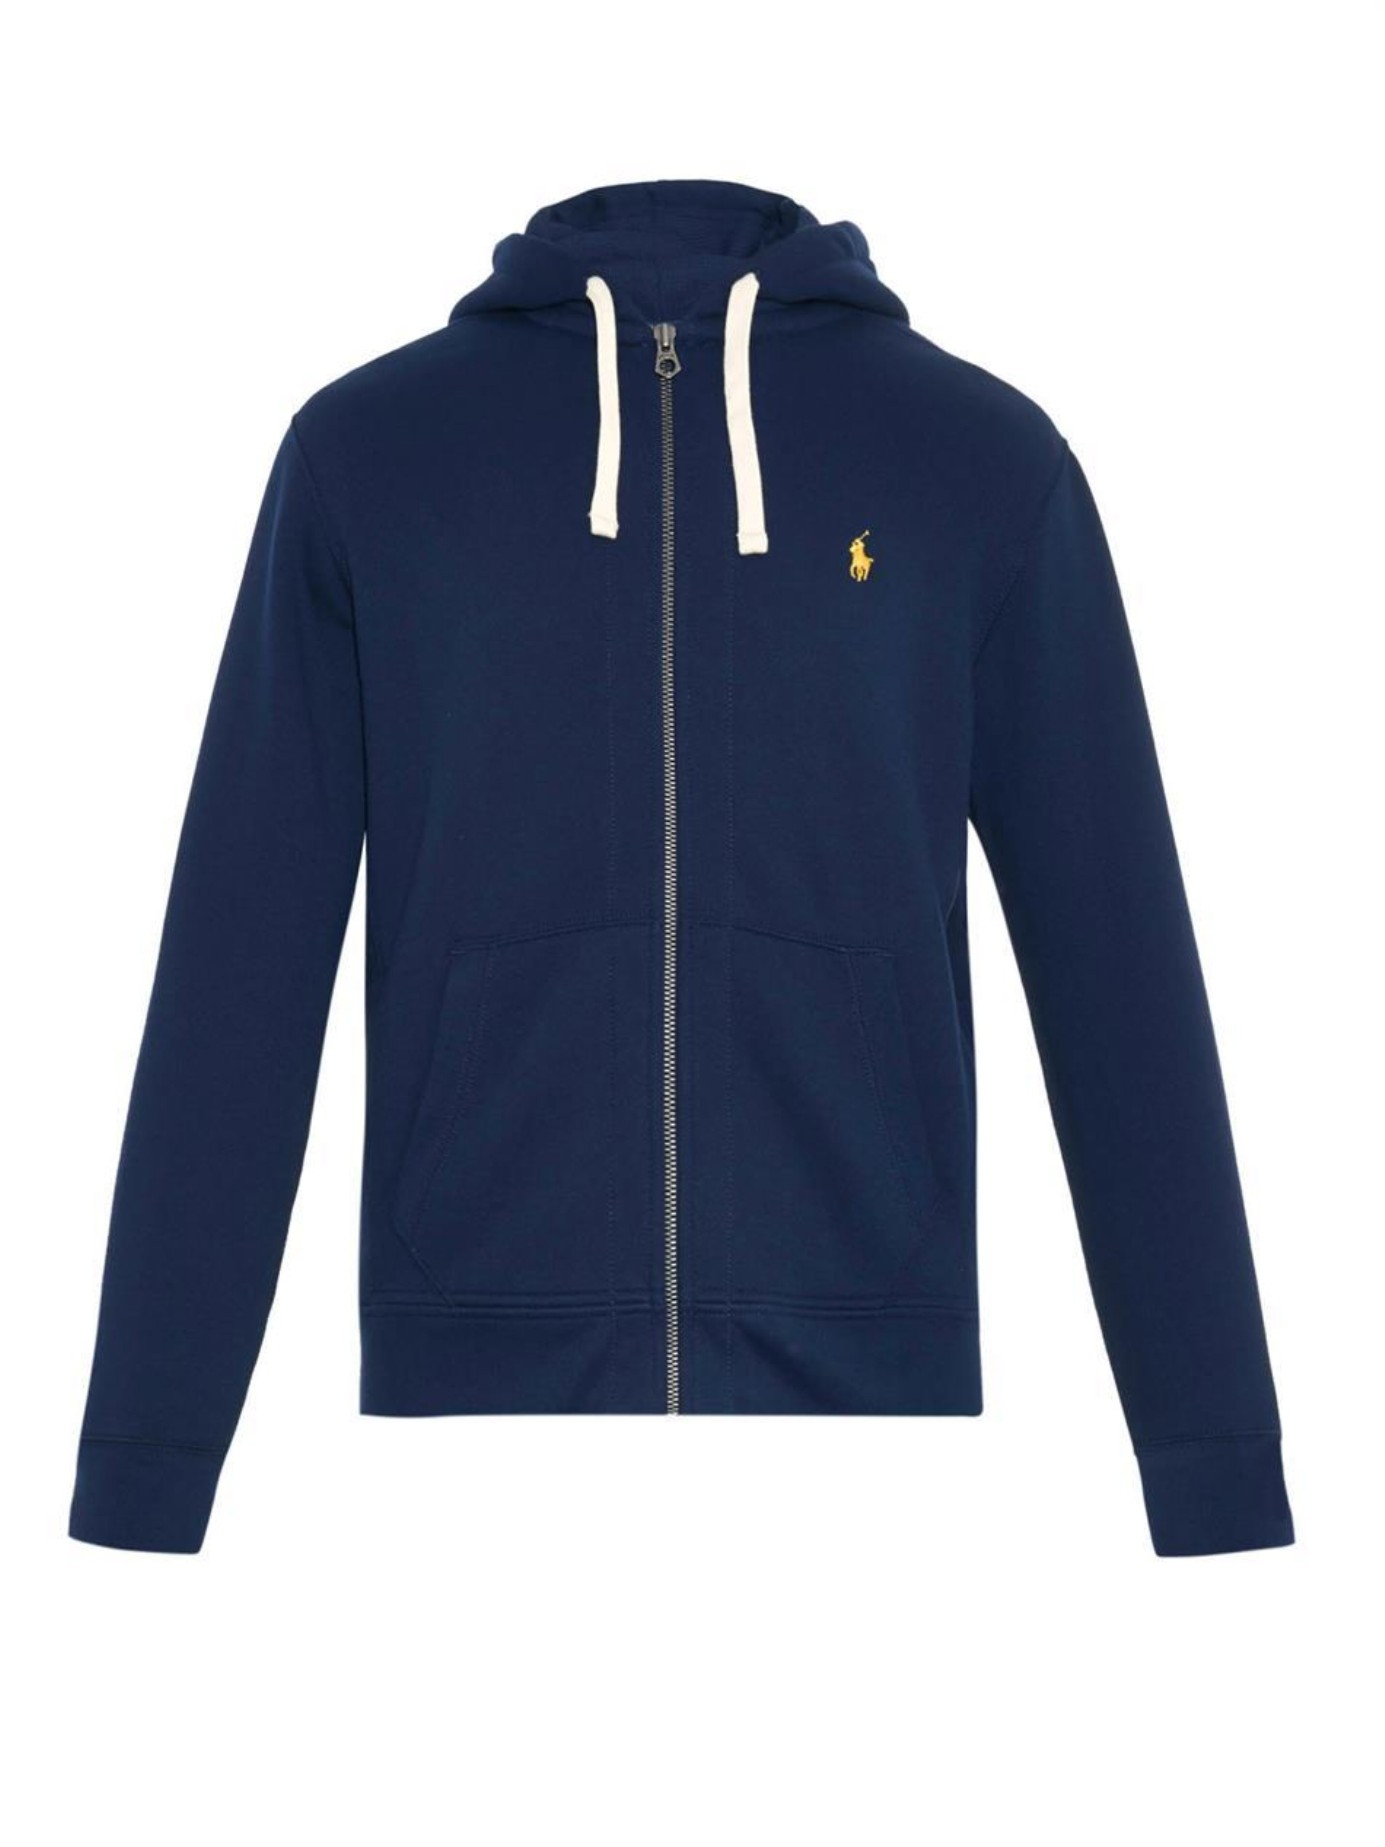 Polo Ralph Lauren. Men\u0026#39;s Blue Zip-up Hooded Sweatshirt